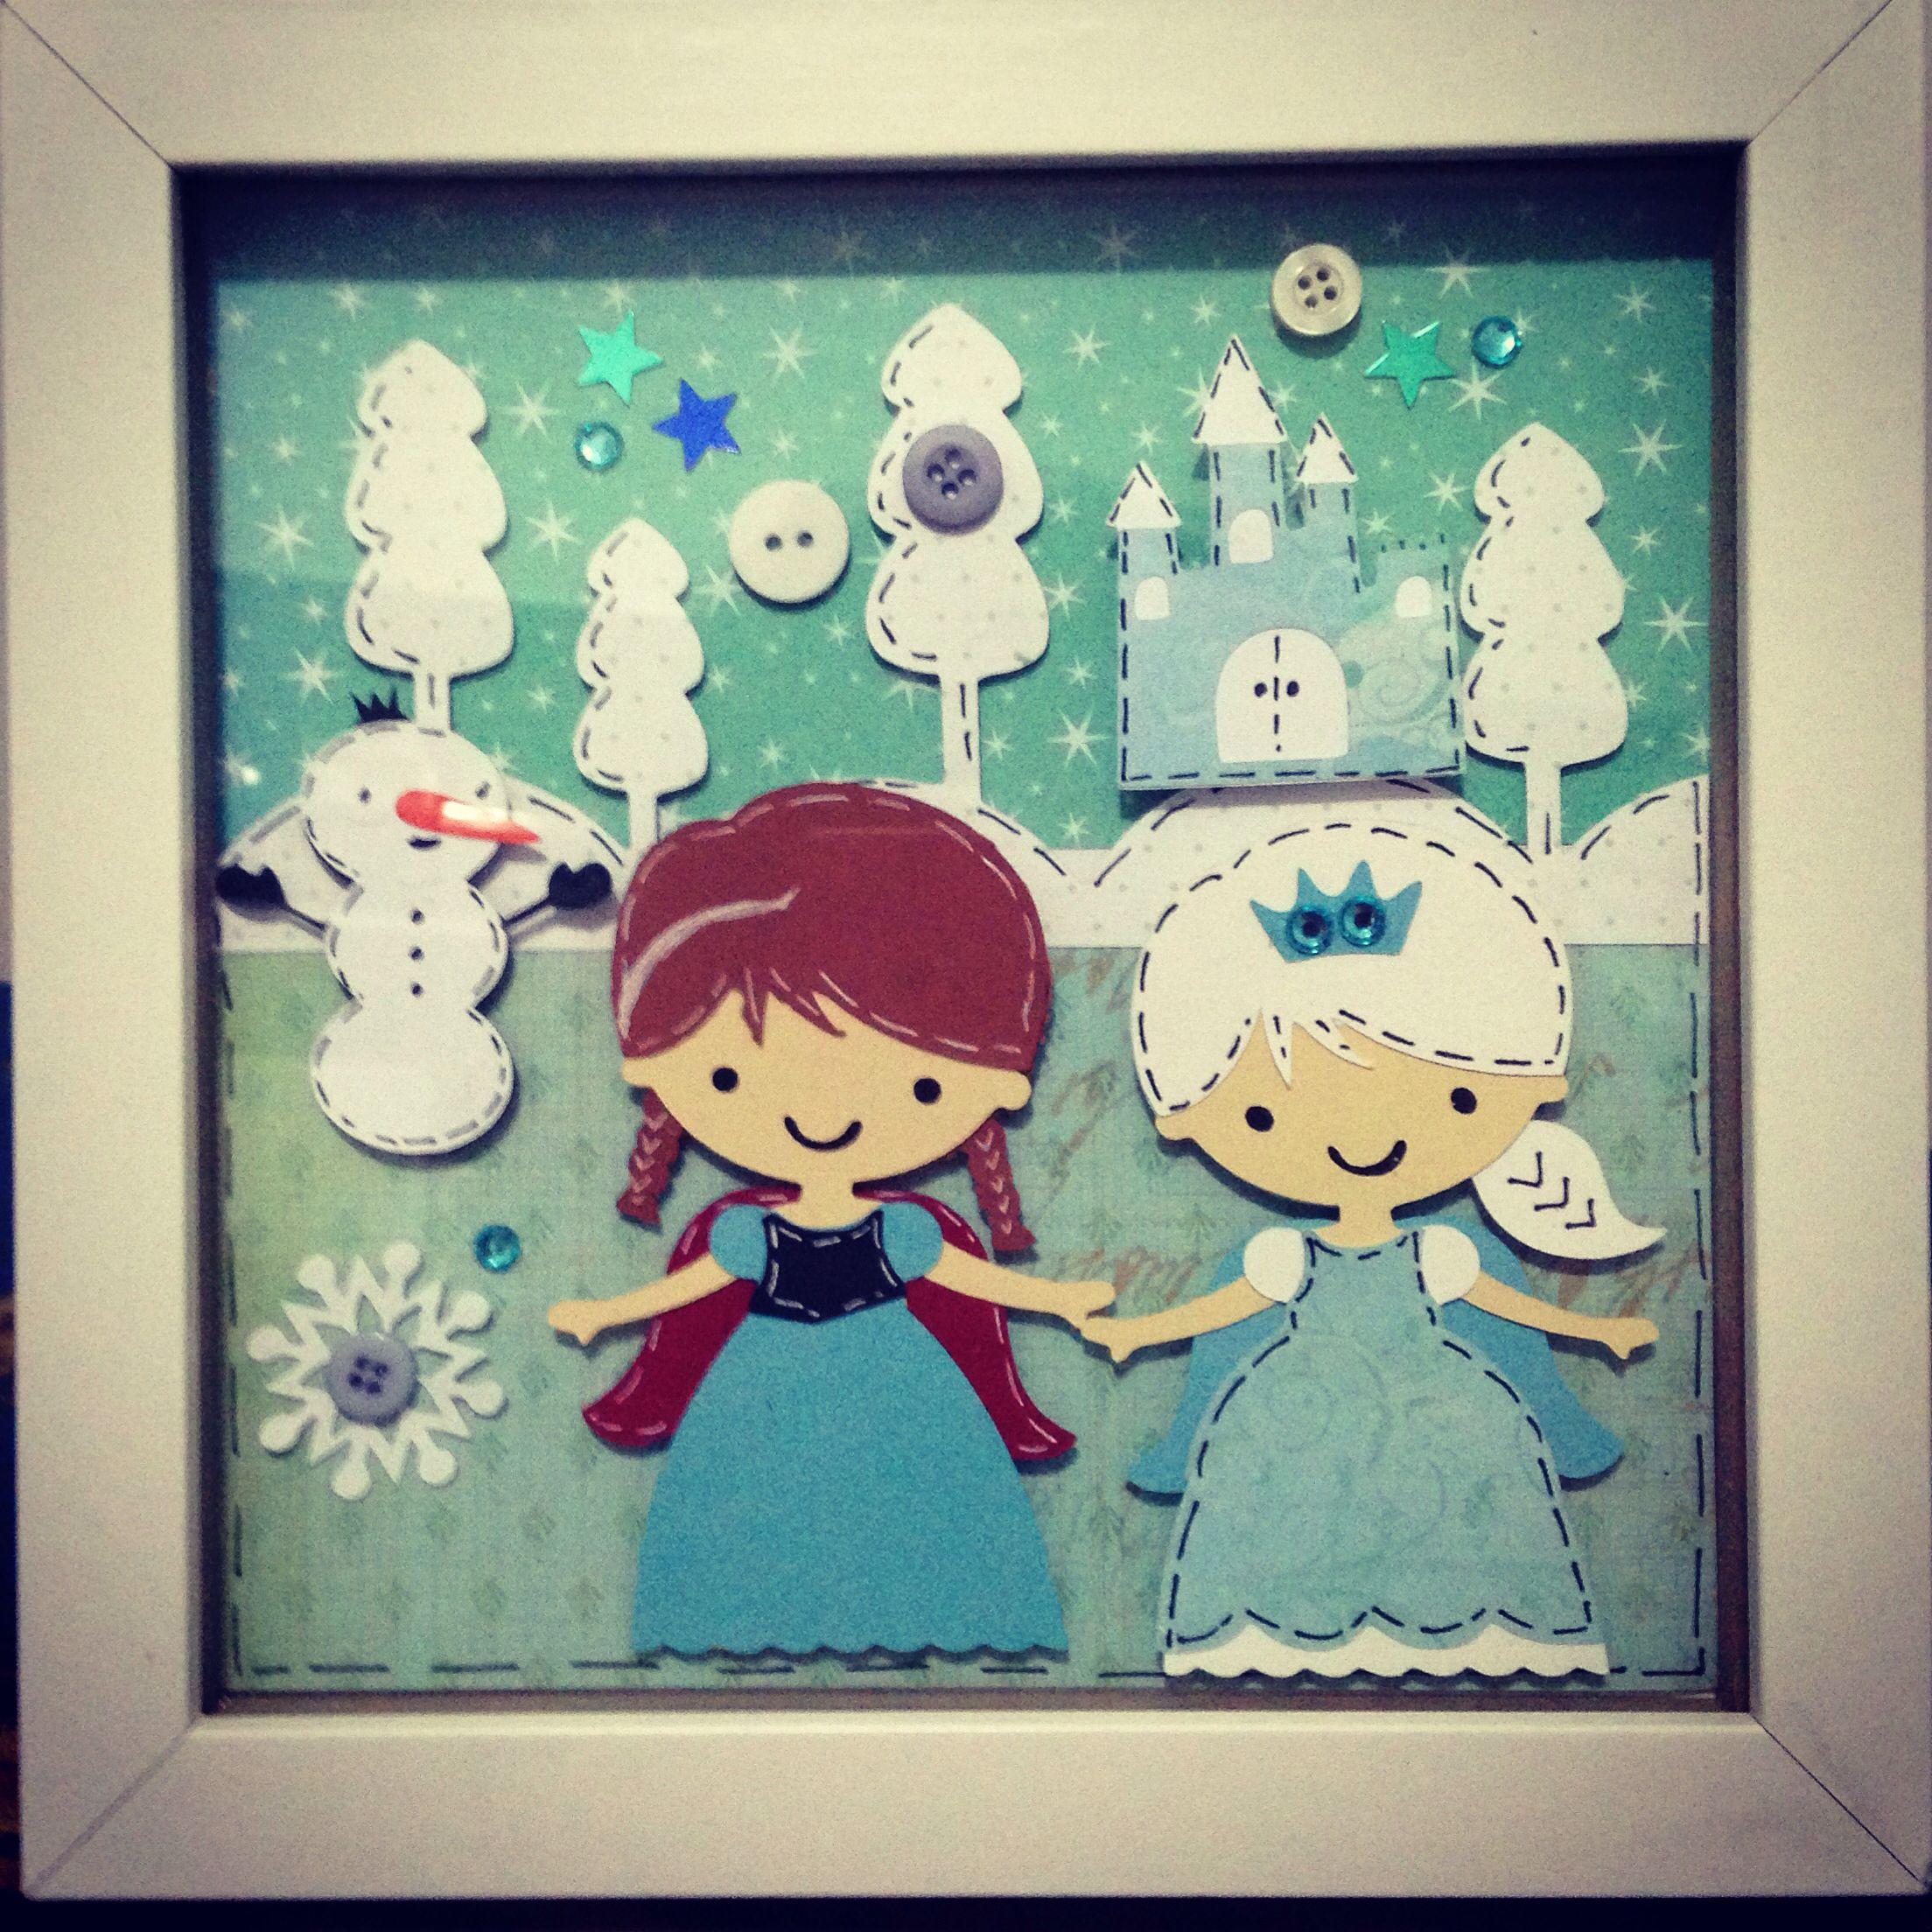 Frozen Inspired Wall Art Cricut Create A Friend